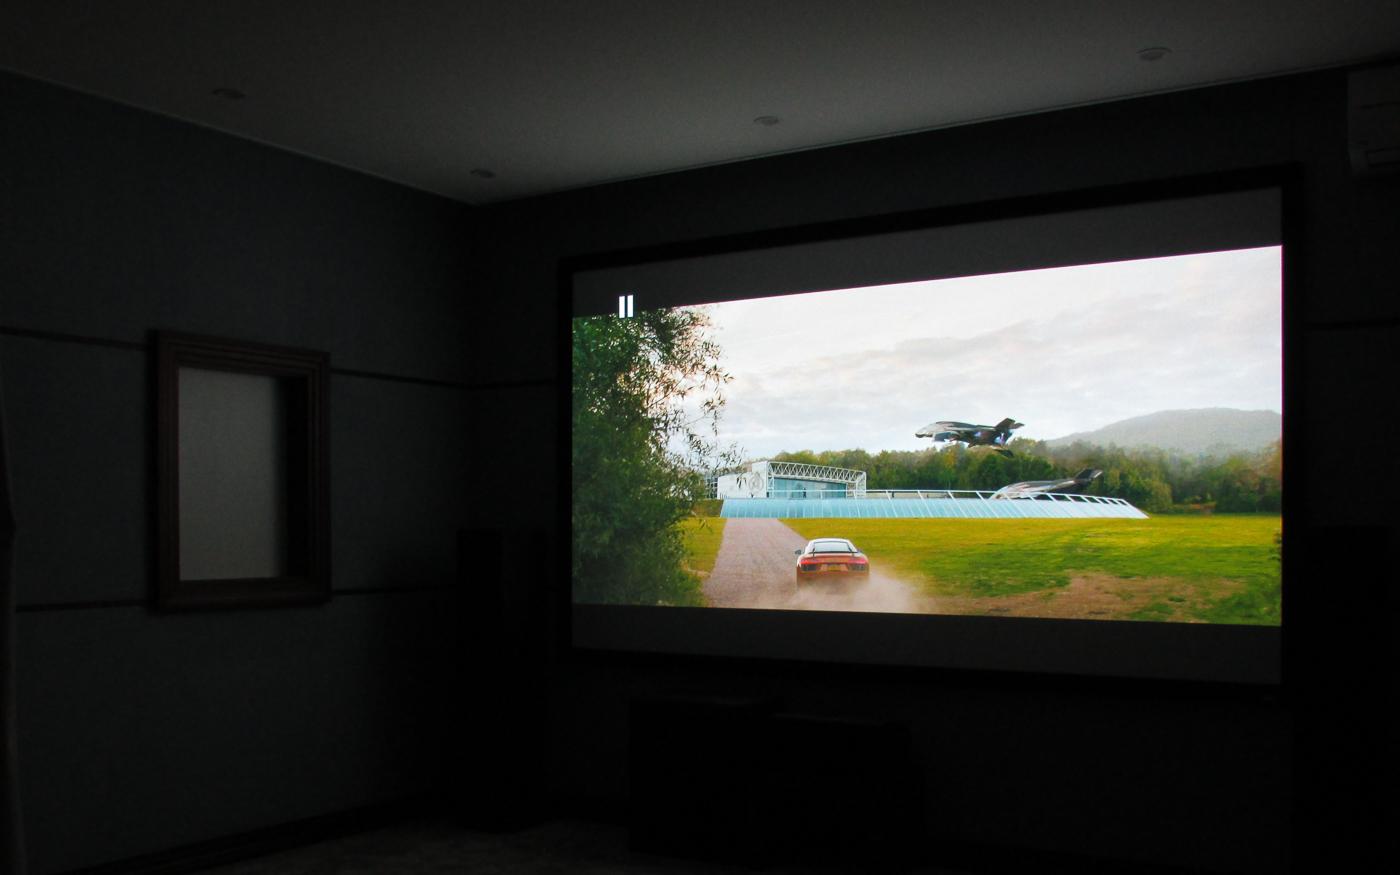 Домашний кинотеатр с проектором Panasonic и экраном Elite Screens